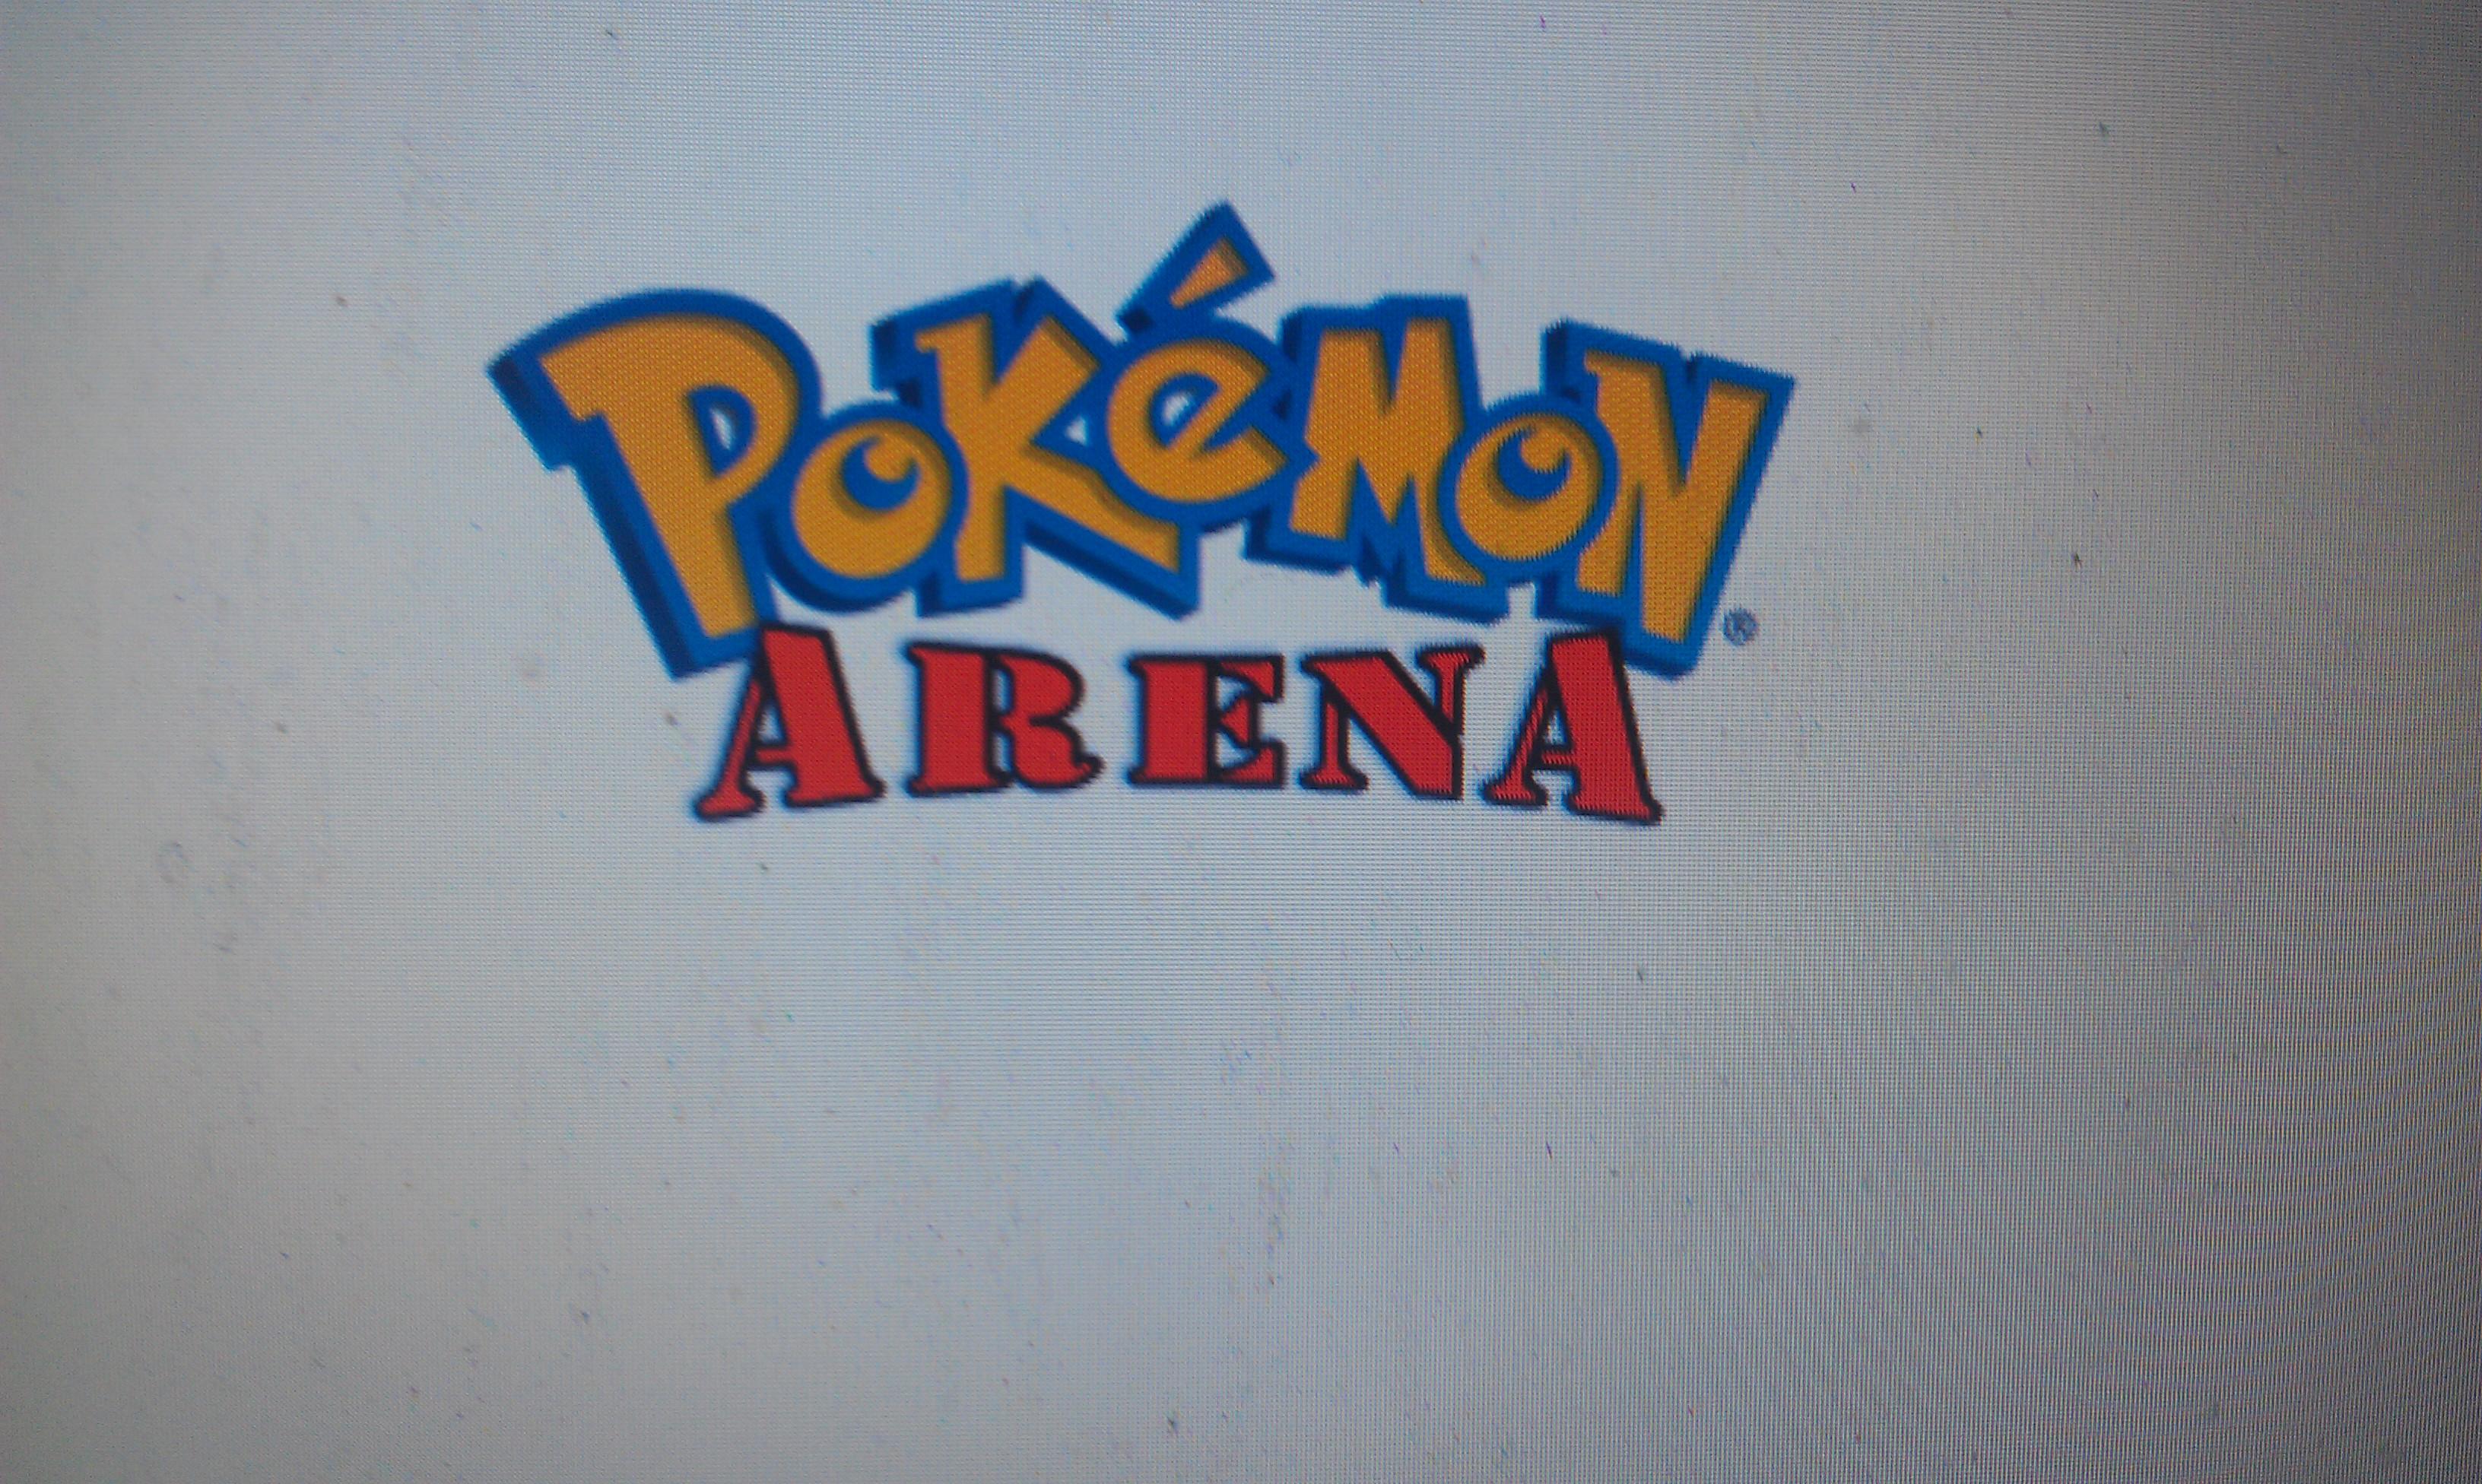 Pokémon Arena